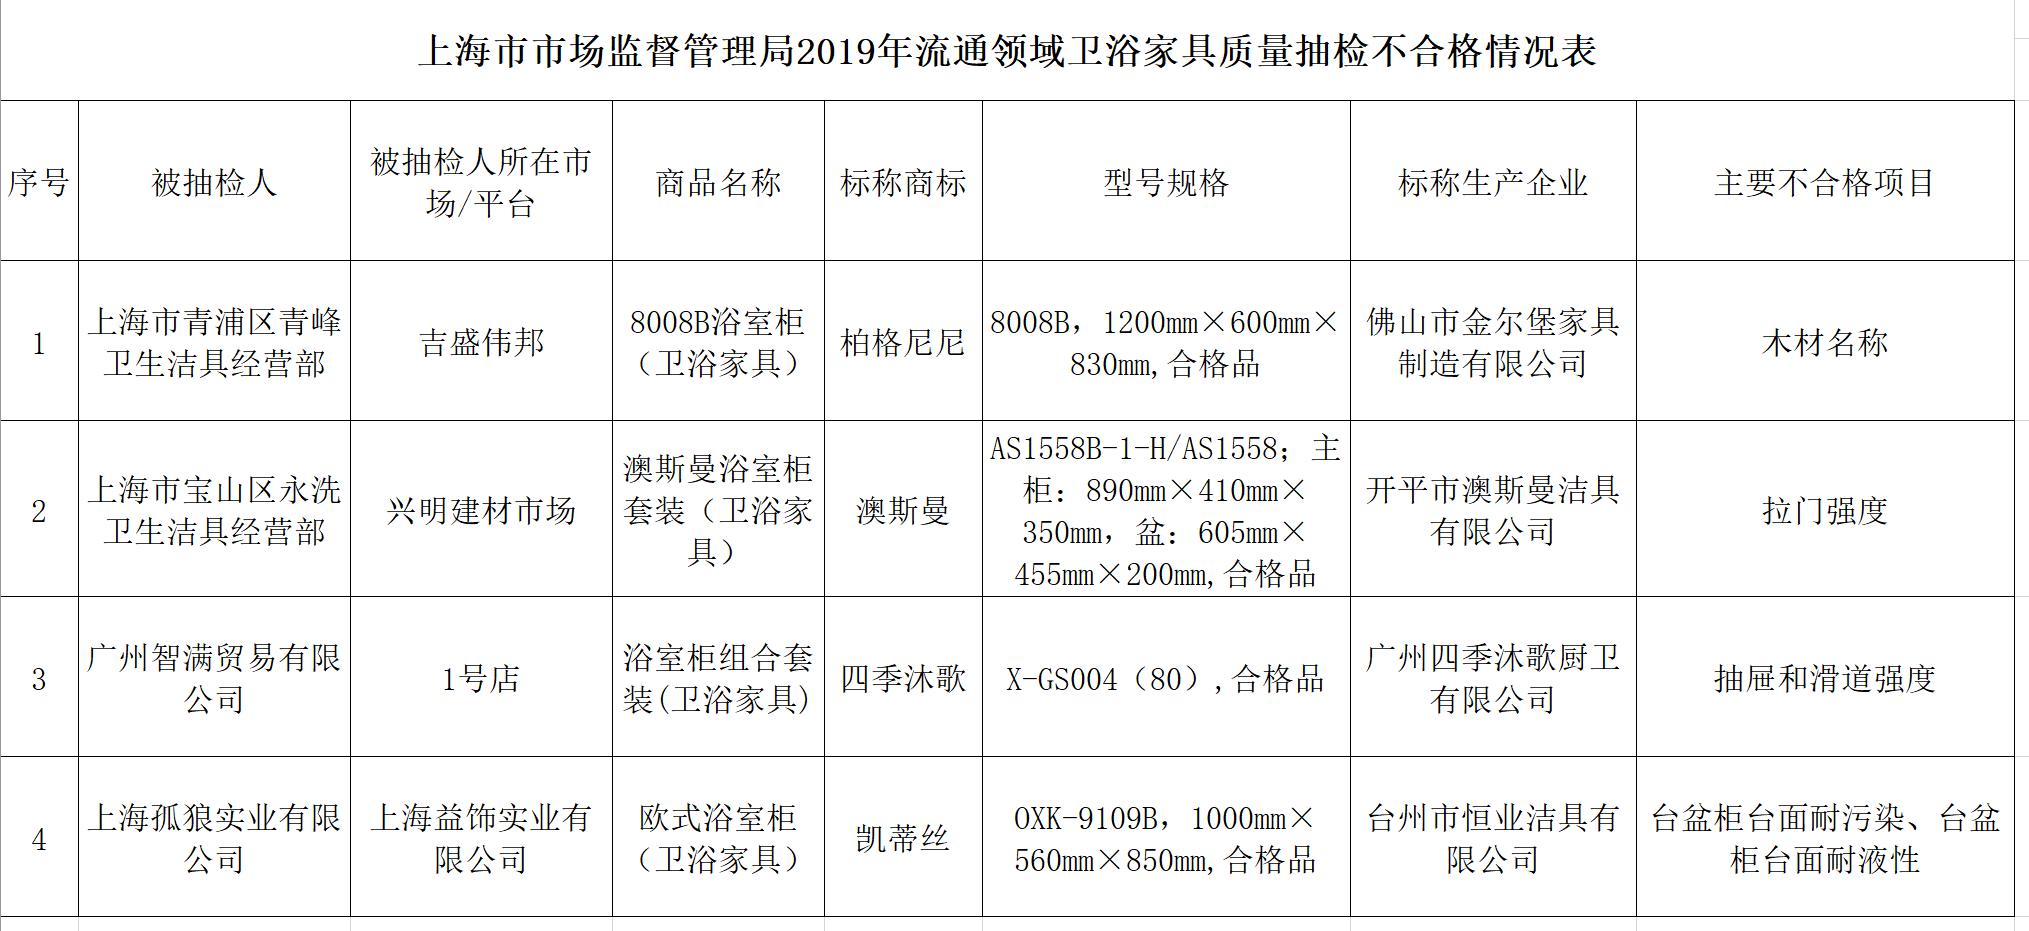 乐百家官方网站loo,这些年,你在重庆还好吗?